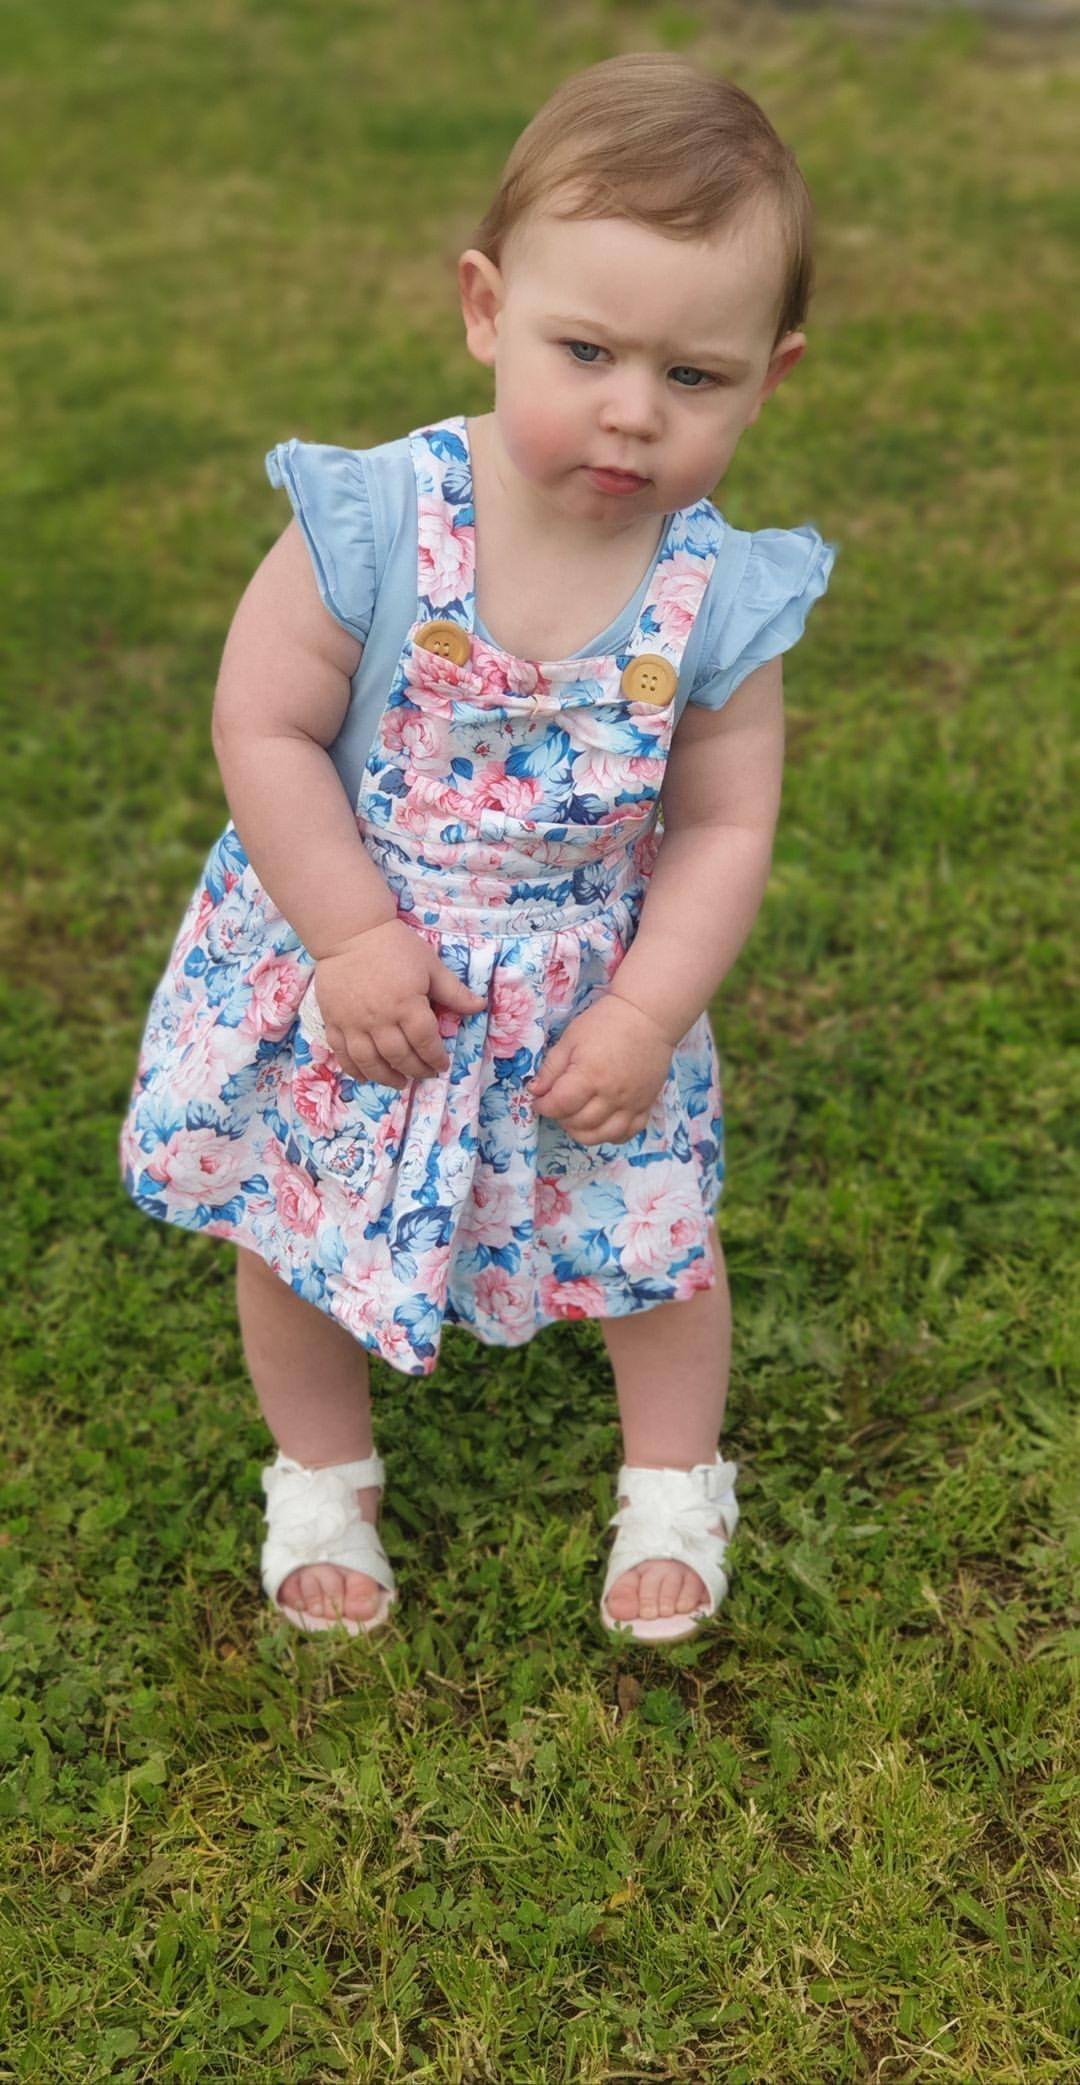 Cute baby girl wearing sky blue flutter dress